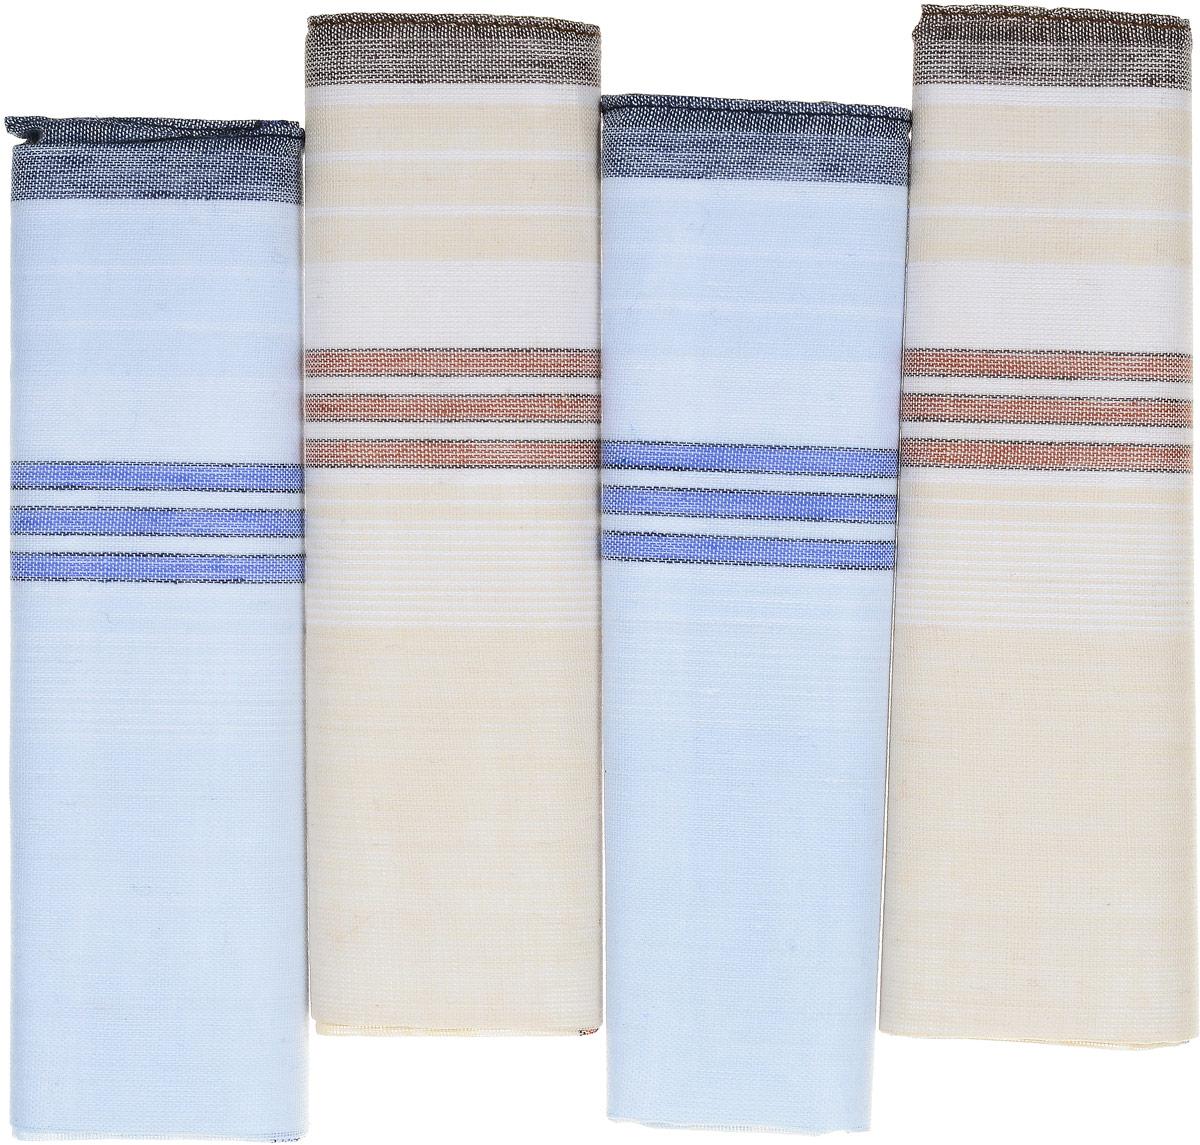 Платок носовой мужской Zlata Korunka, цвет: голубой, бежевый. 71419-6. Размер 34 х 34 см, 4 шт71419-6_голубой, коричневыйНосовой платок Zlata Korunka изготовлен из высококачественного натурального хлопка, благодаря чему приятен в использовании, хорошо стирается, не садится и отлично впитывает влагу. Практичный носовой платок будет незаменим в повседневной жизни любого современного человека. Такой платок послужит стильным аксессуаром и подчеркнет ваше превосходное чувство вкуса. В комплекте 4 платка.